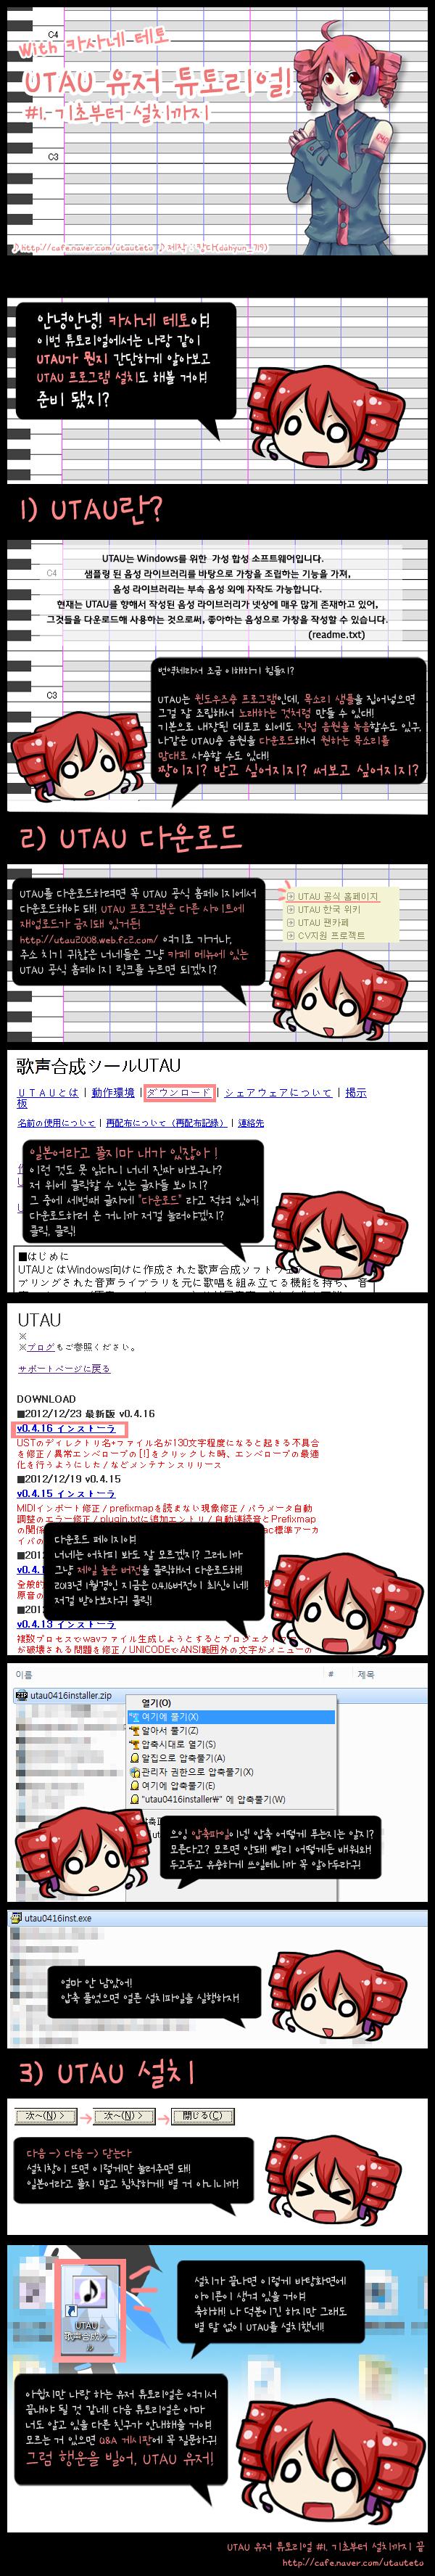 유저튜토리얼1